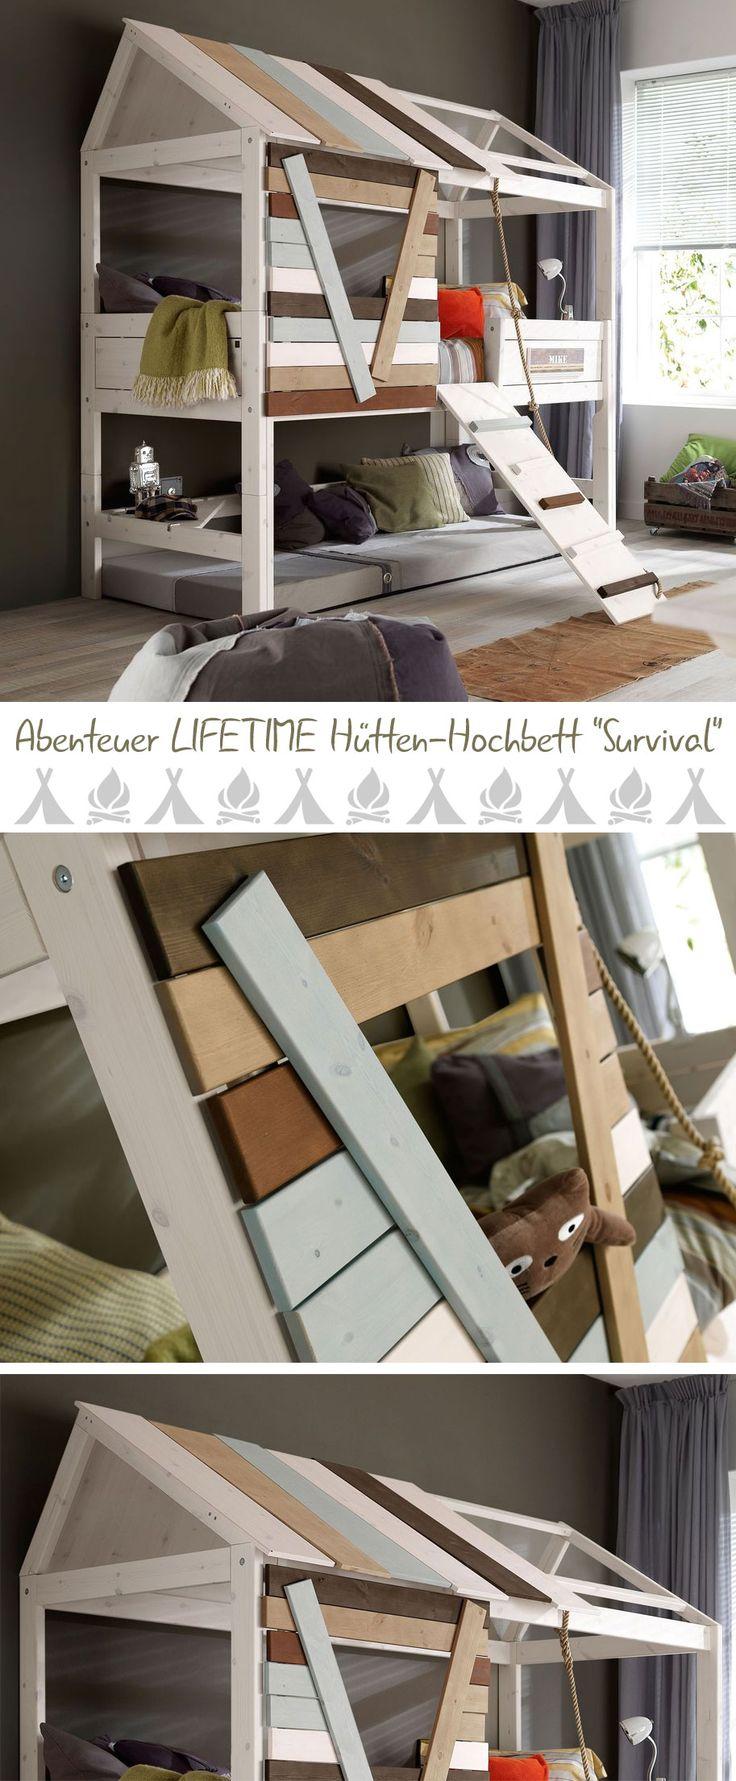 Hütten Hochbett Mit Abenteuerlichem Charme. Perfekt Für Kleine Camping  Fans. #camping #